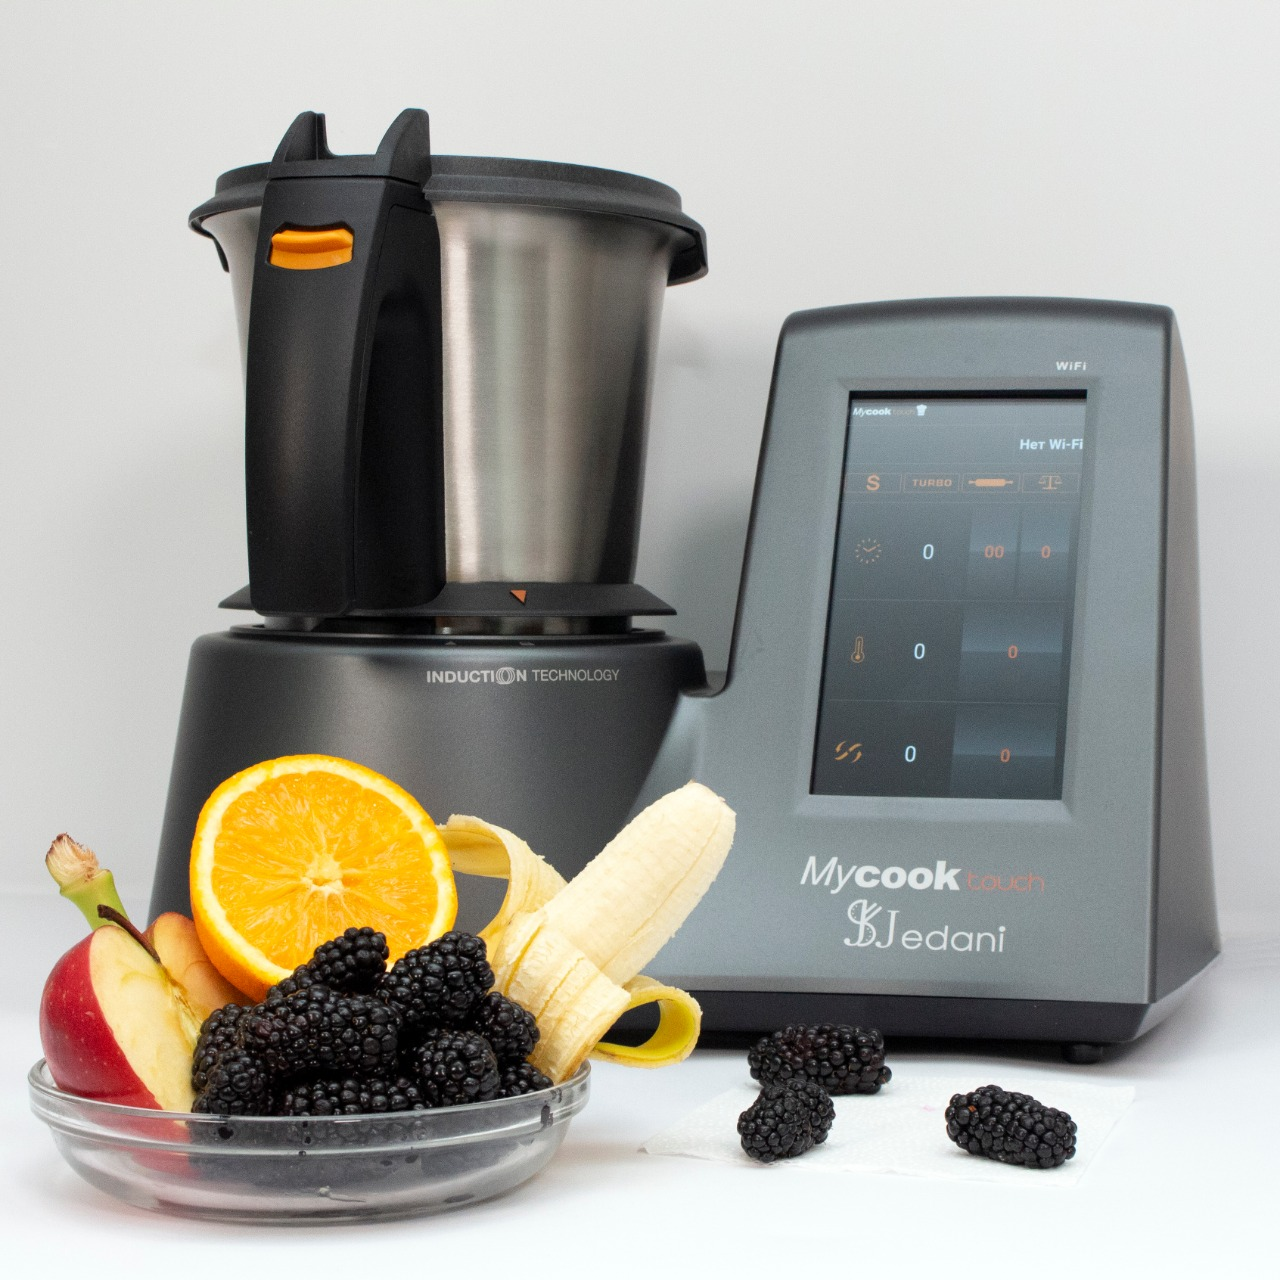 Преимущества кухонной машины Mycook Touch Jedani